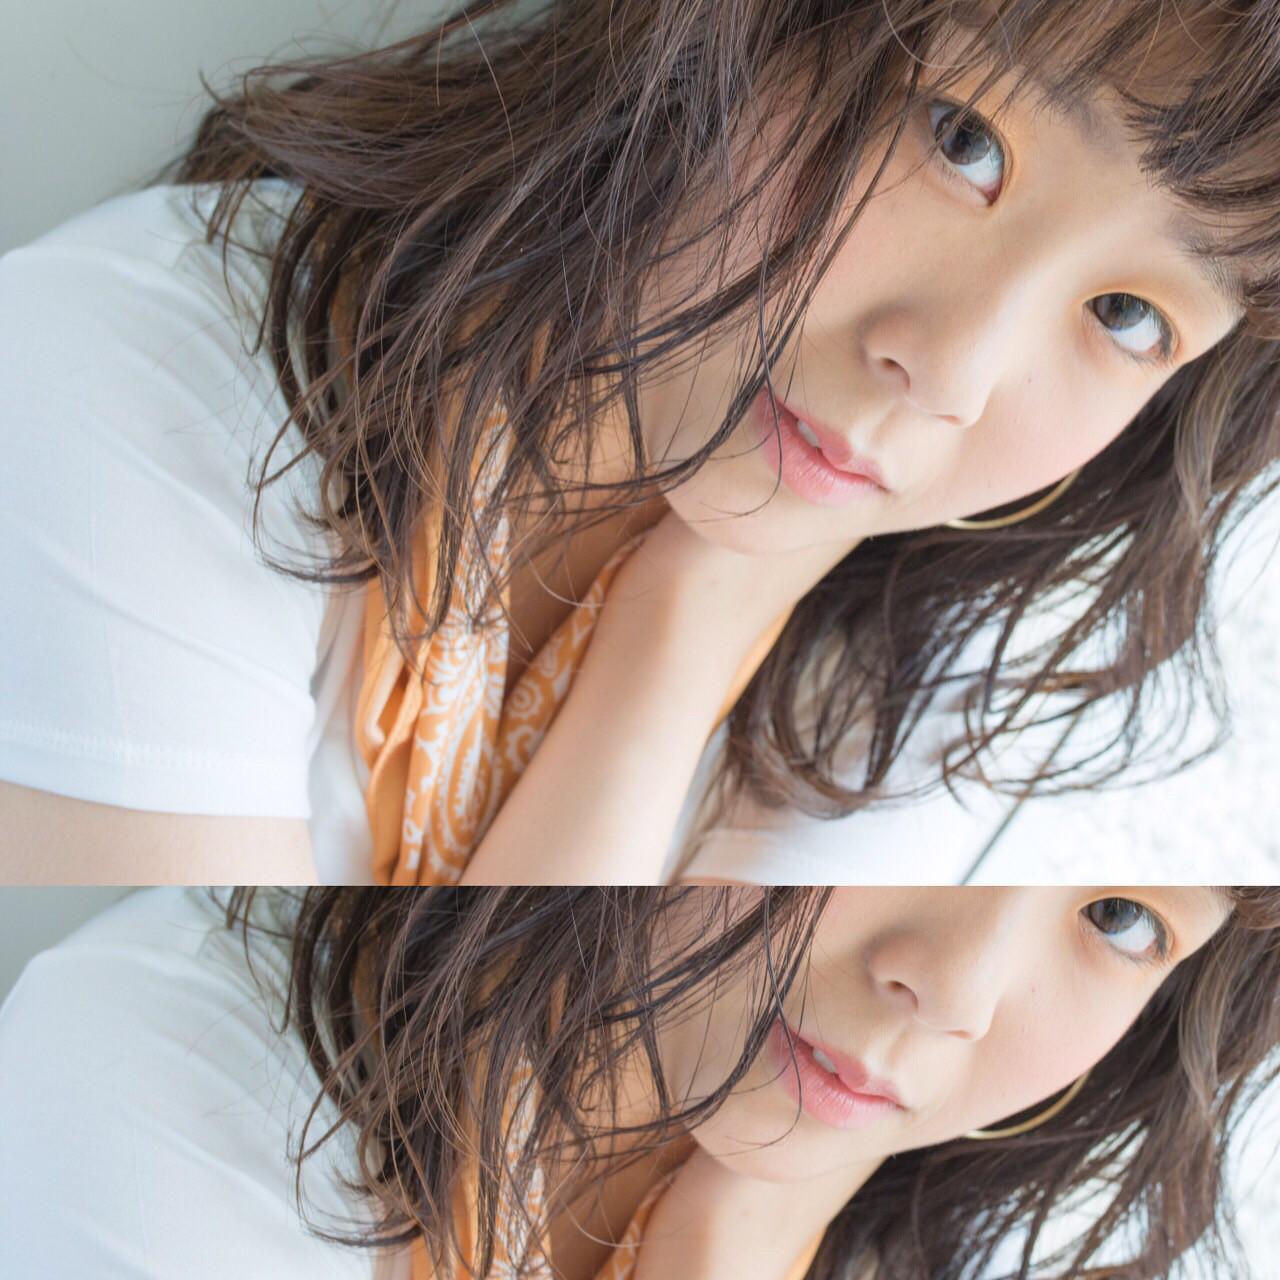 湿度ある色気が需要アリ♡夏を乗り越えるパーマ×ウェットスタイル。 chiaki / magnet hair